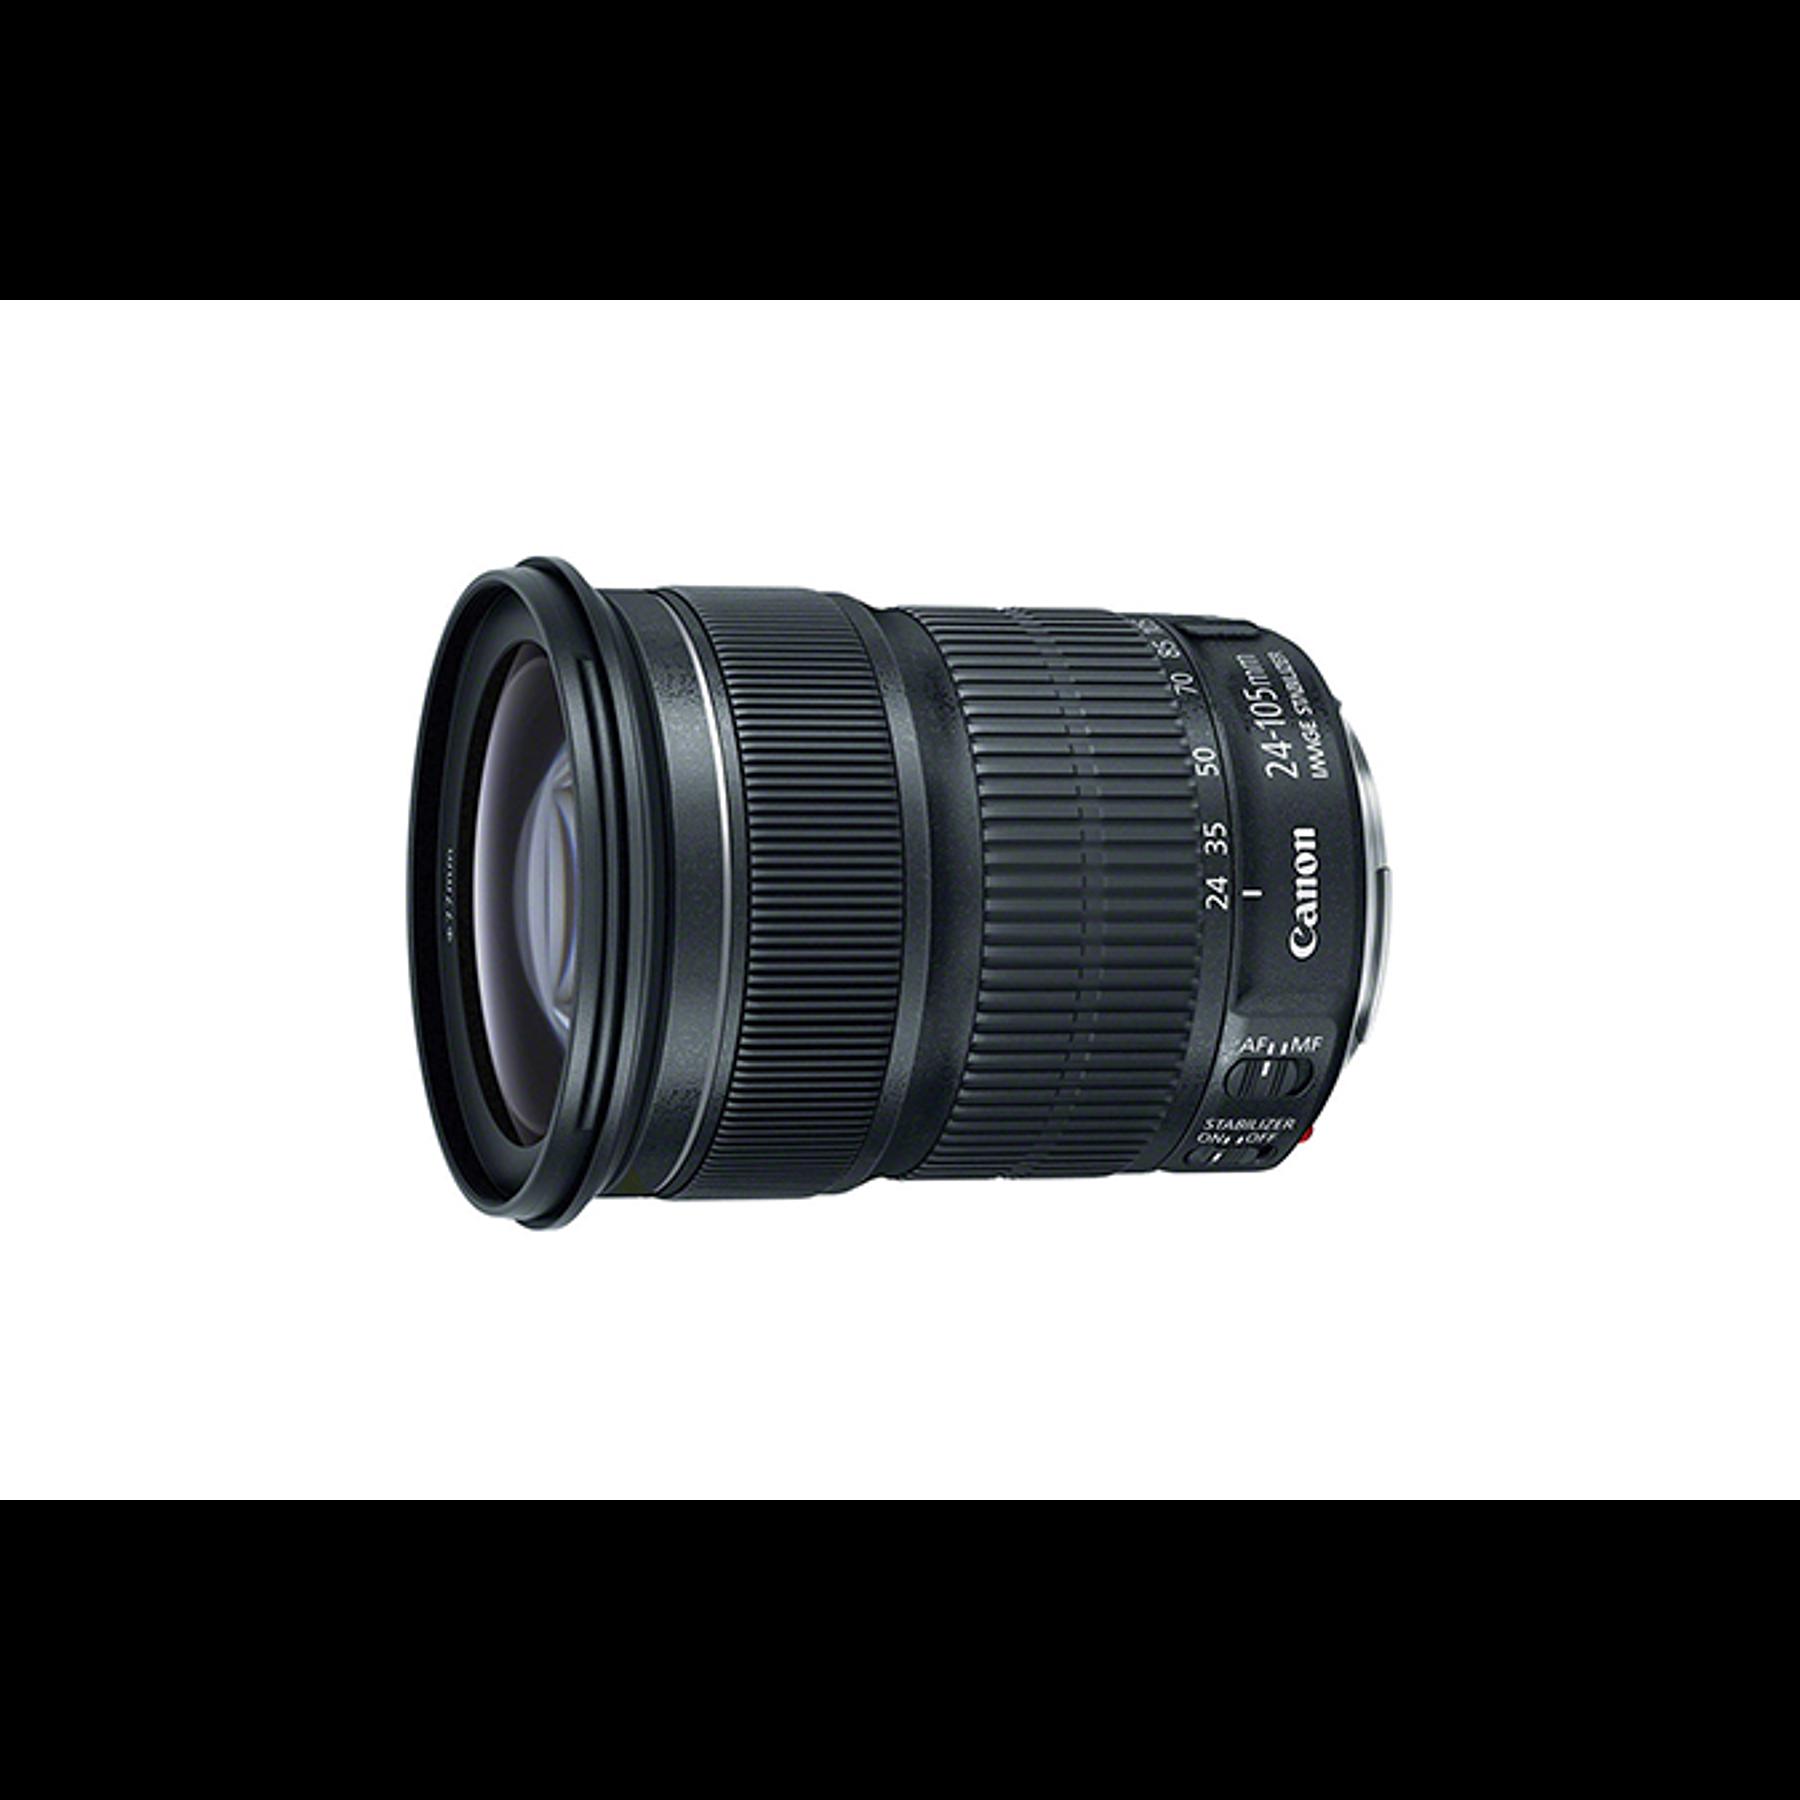 EF 24-105mm f3.5-5.6 IS STM